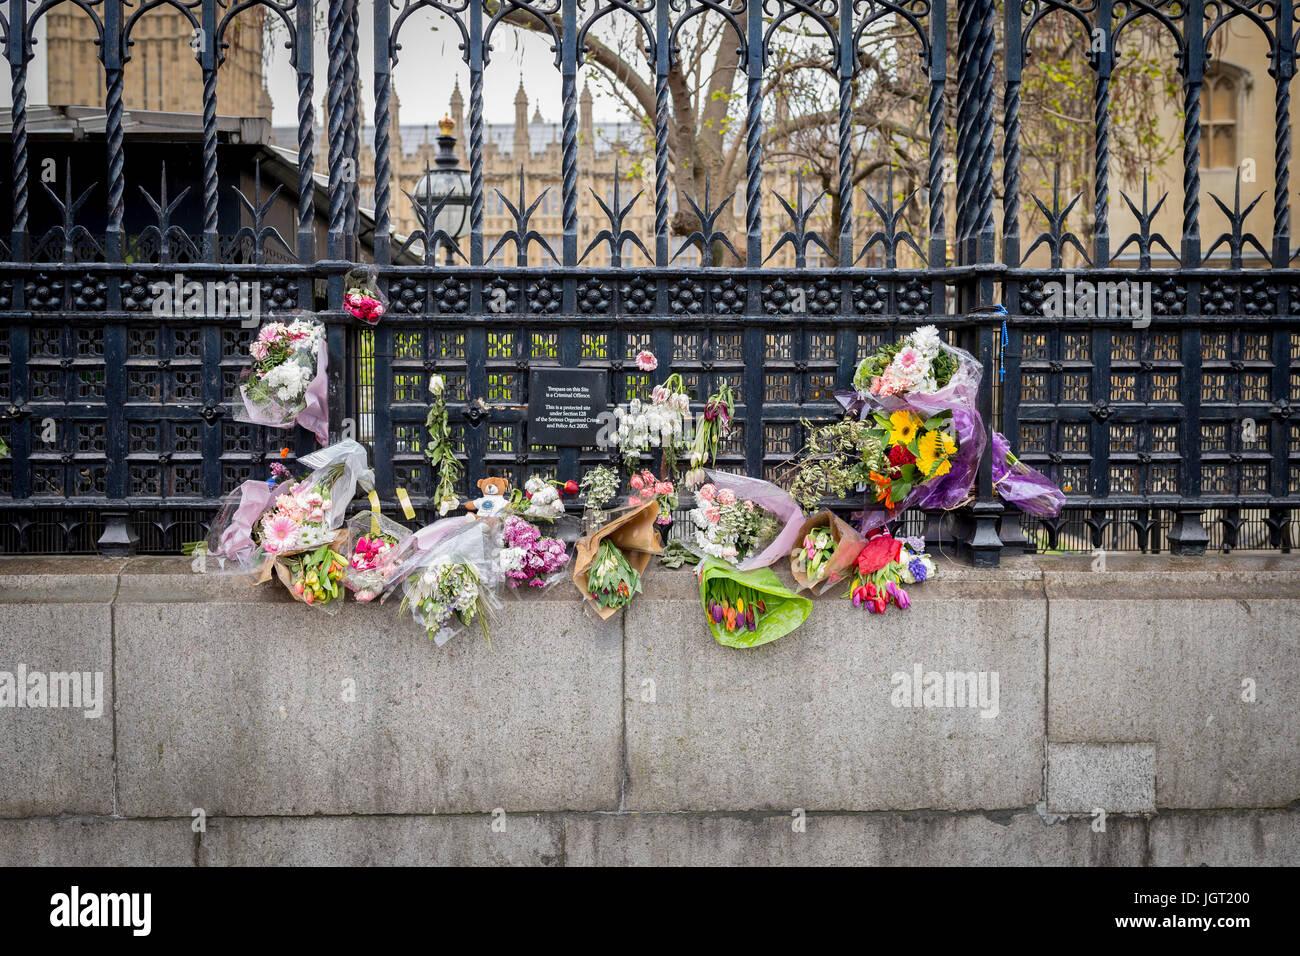 Fleurs et tributs floraux laissés à l'extérieur de la porte du chariot des Chambres du Parlement à la mémoire des 22 victimes d'attaque terroriste de Londres Mars Banque D'Images